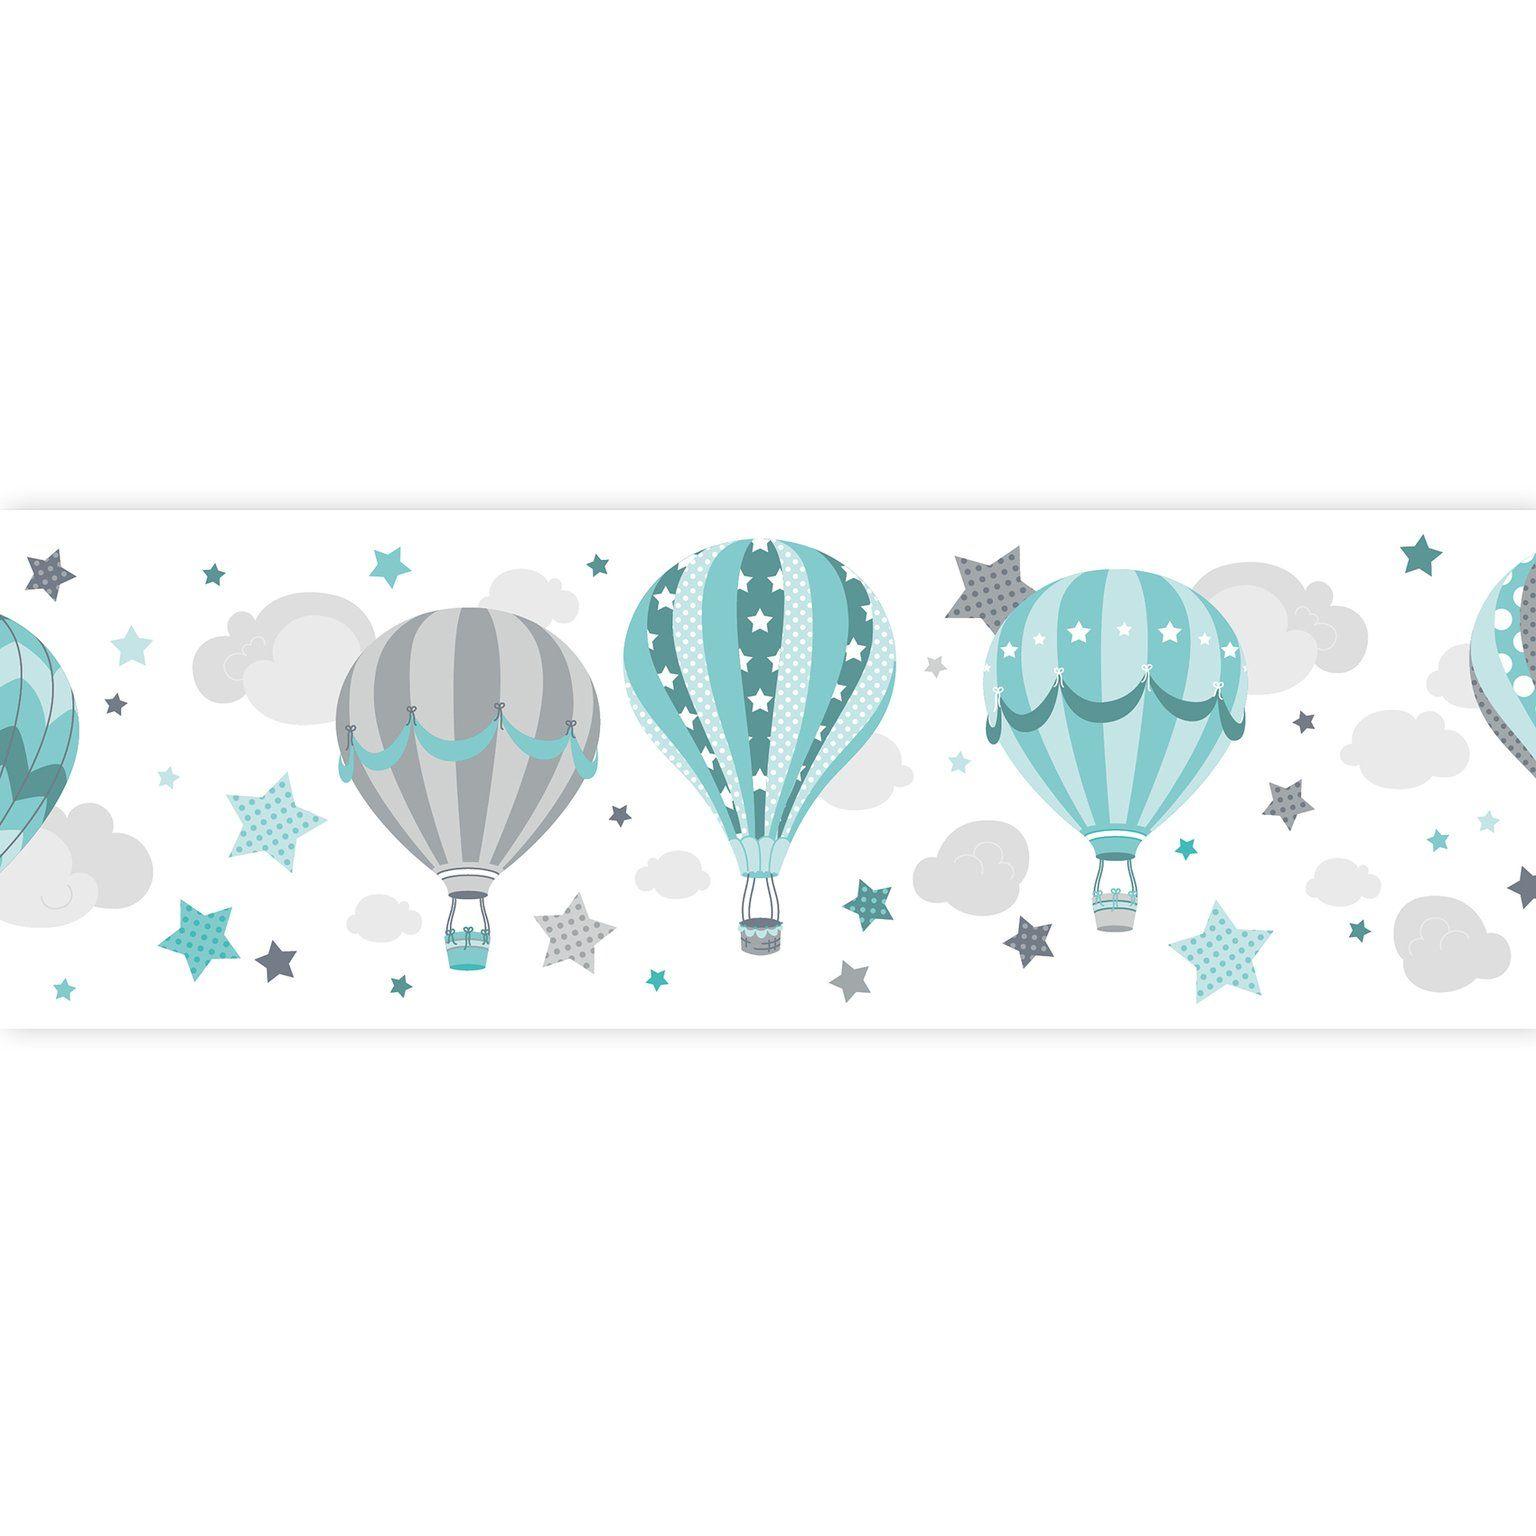 Dinki Balloon Kinder Bordure Heissluftballons Mint Grau Jade Selbstklebend Bei Fantasyroom Online Kaufen In 2020 Luftballons Selbstklebende Bordure Tapezieren